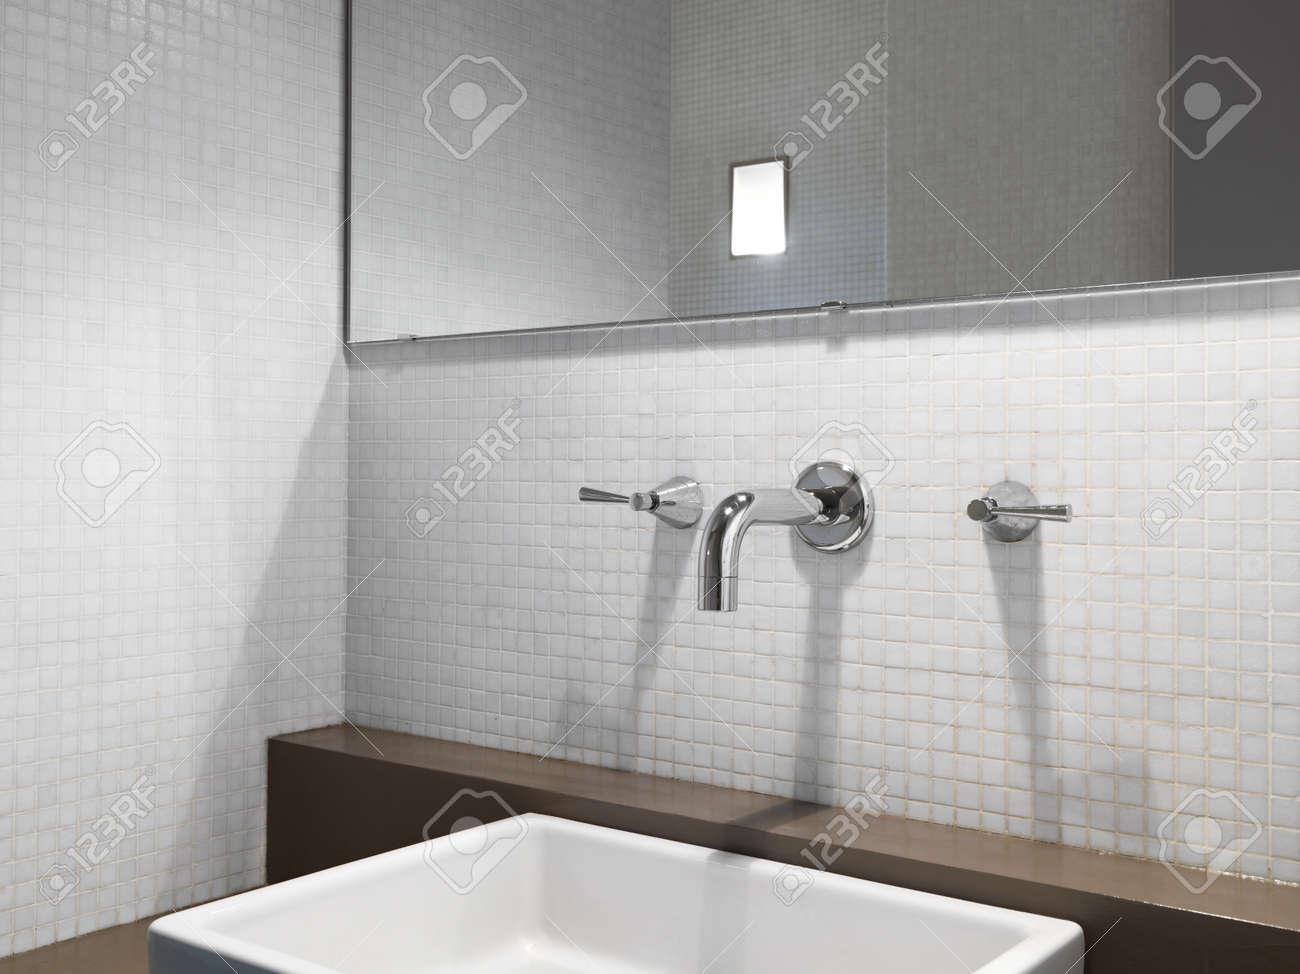 Dettaglio del rubinetto dell acciaio oìin il bathromm moderno con